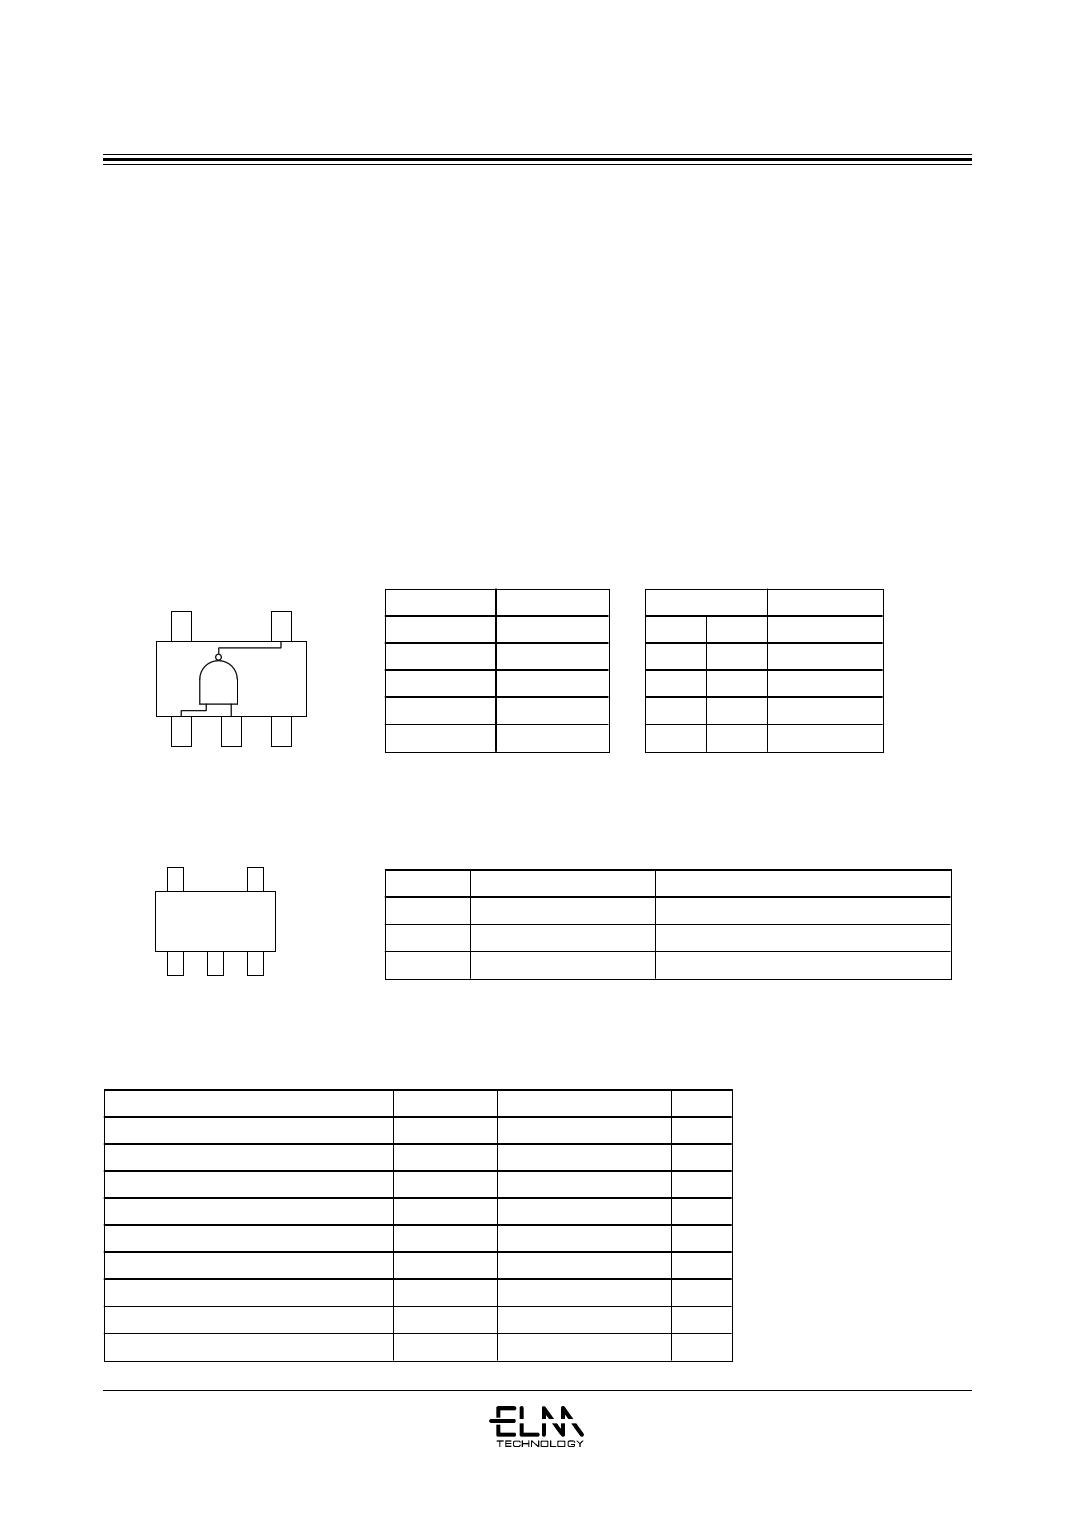 ELM7S14 pdf, ピン配列